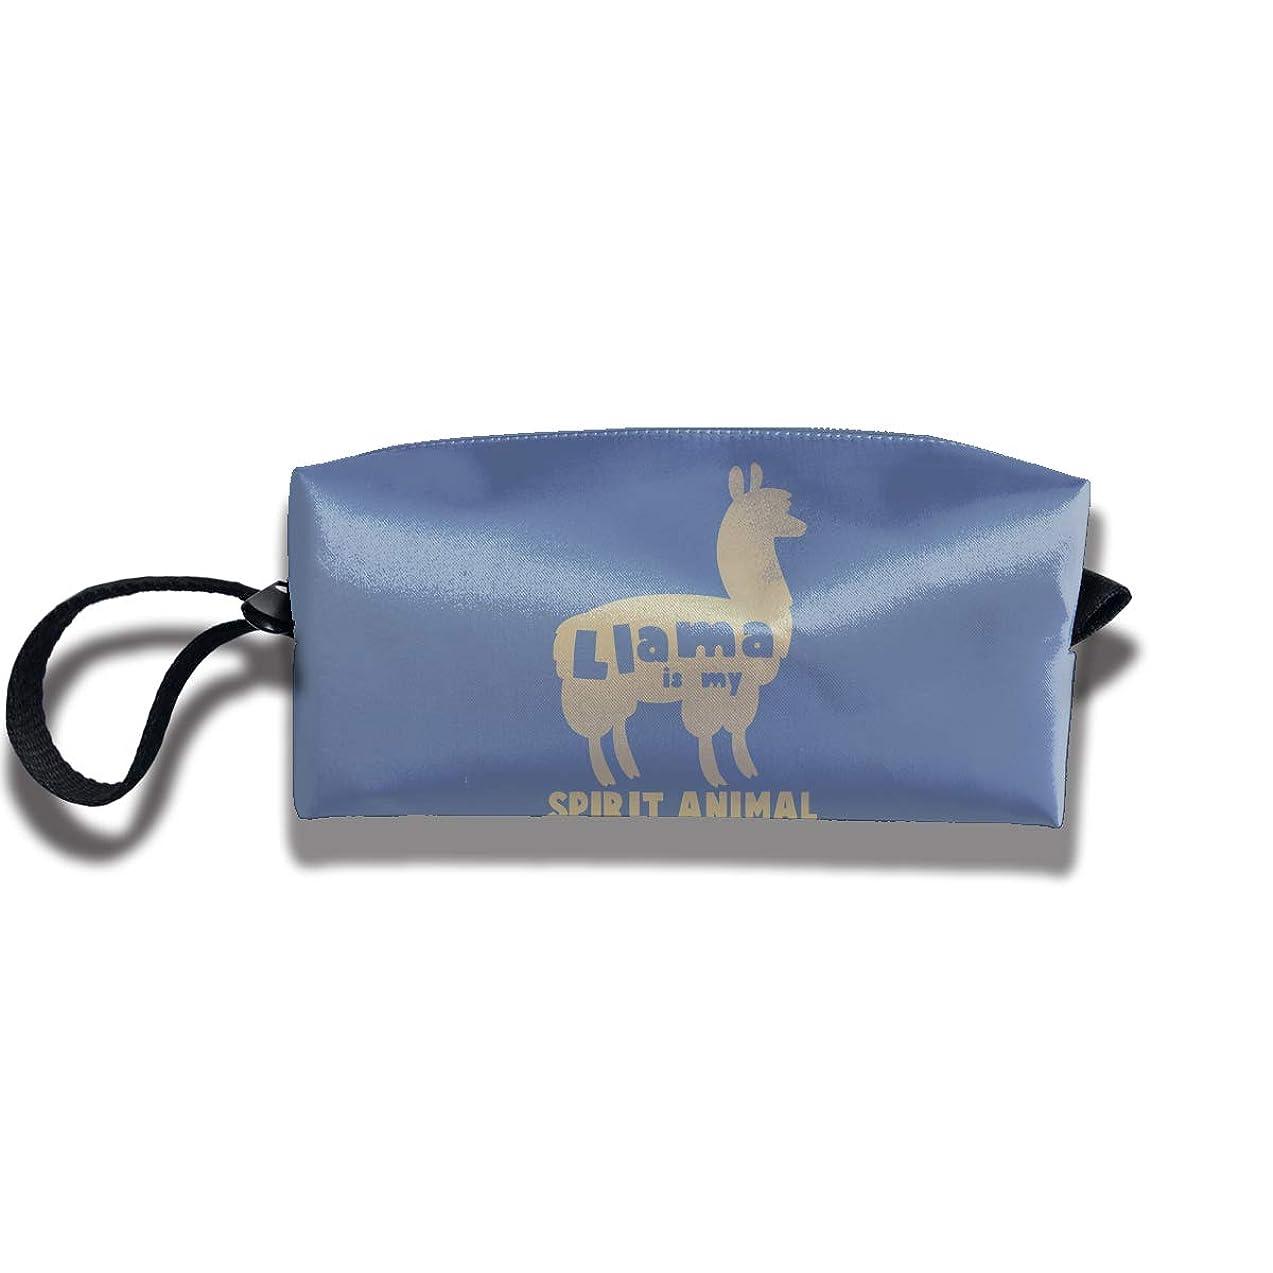 過去きれいに足音ペンケース文房具バッグ大容量ペンケース化粧品袋収納袋男の子と女の子多機能浴室シャワーバッグ旅行ポータブルストレージバッグ